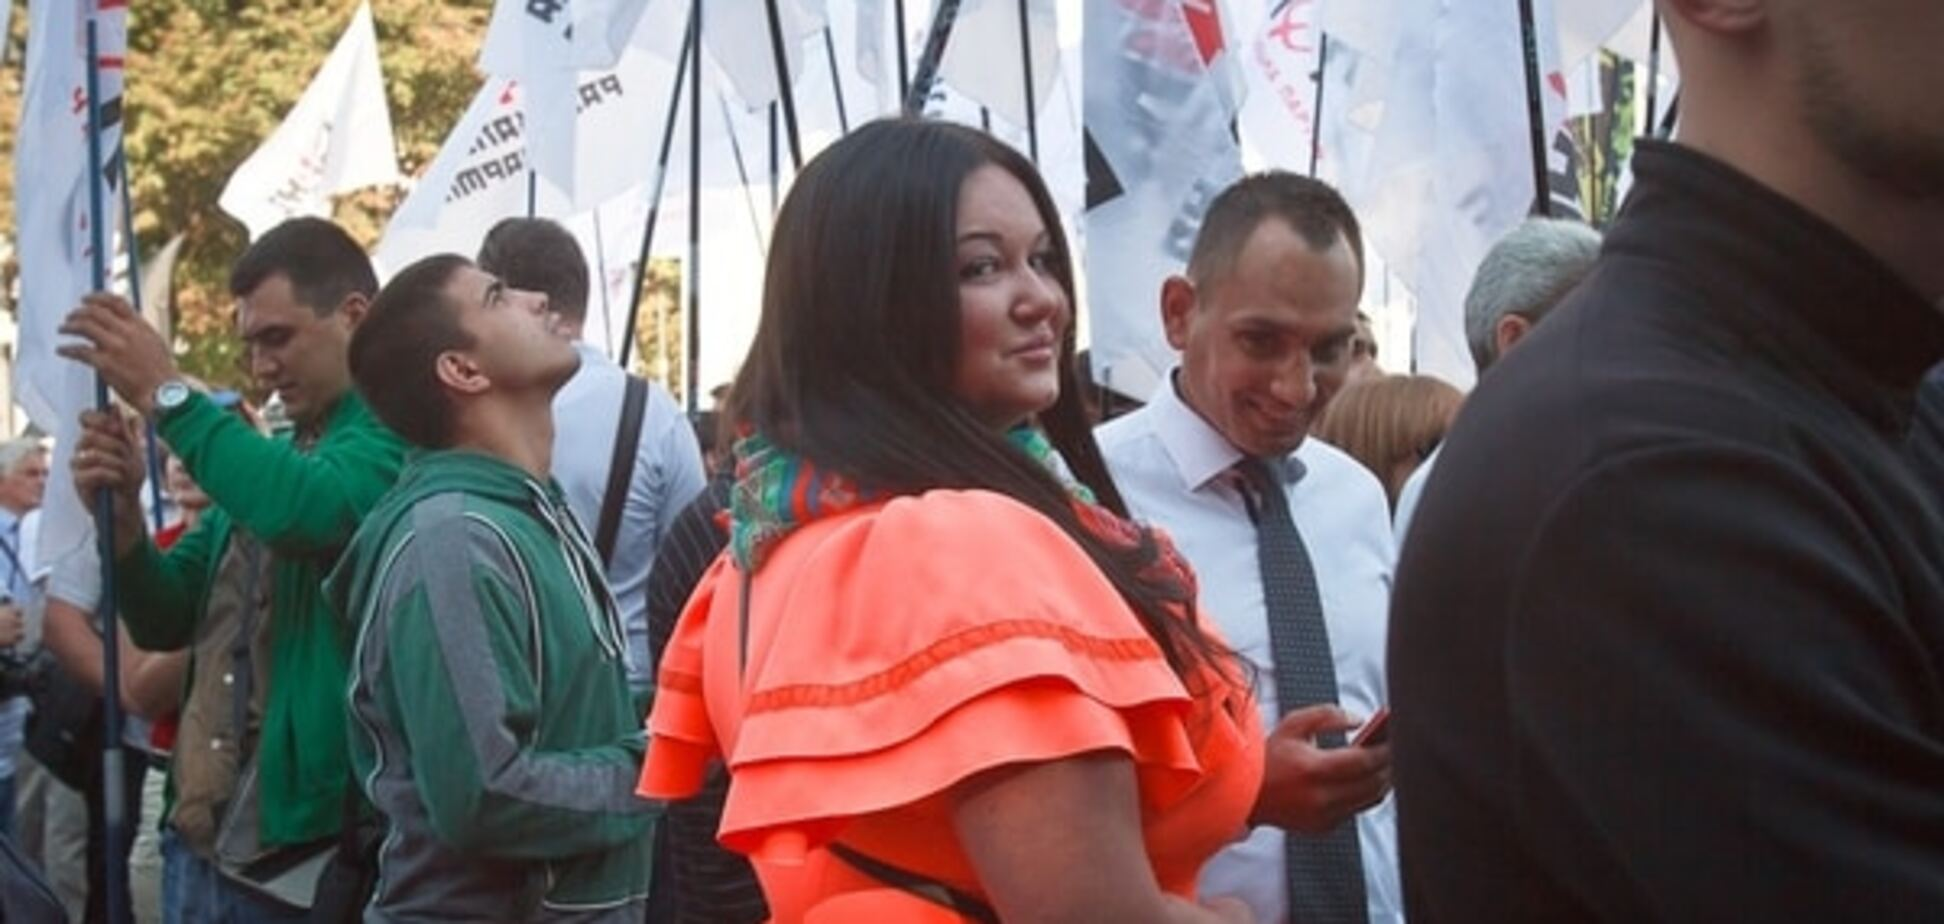 Помощница депутата, взорвавшая соцсети пышным бюстом, пришла на митинг под Радой в модном образе